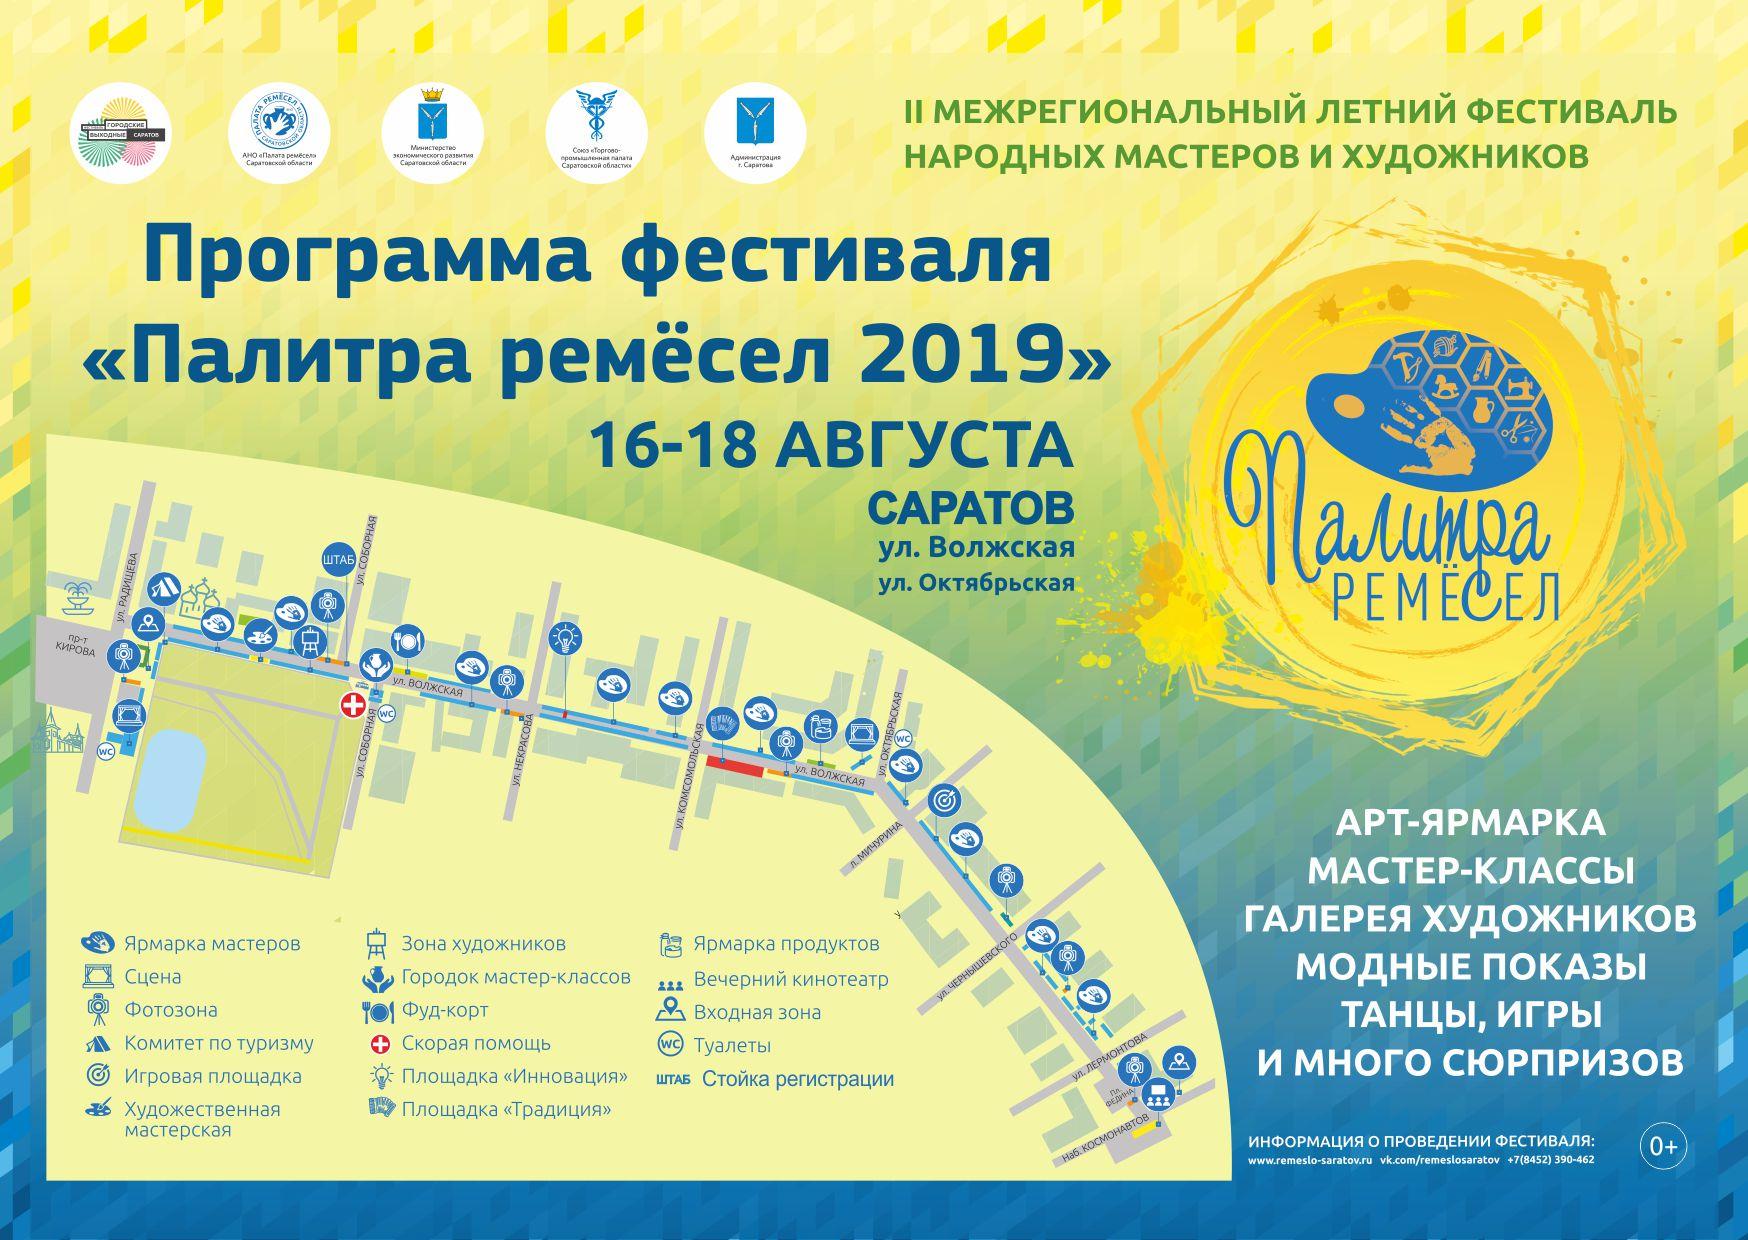 Программа фестиваля_1